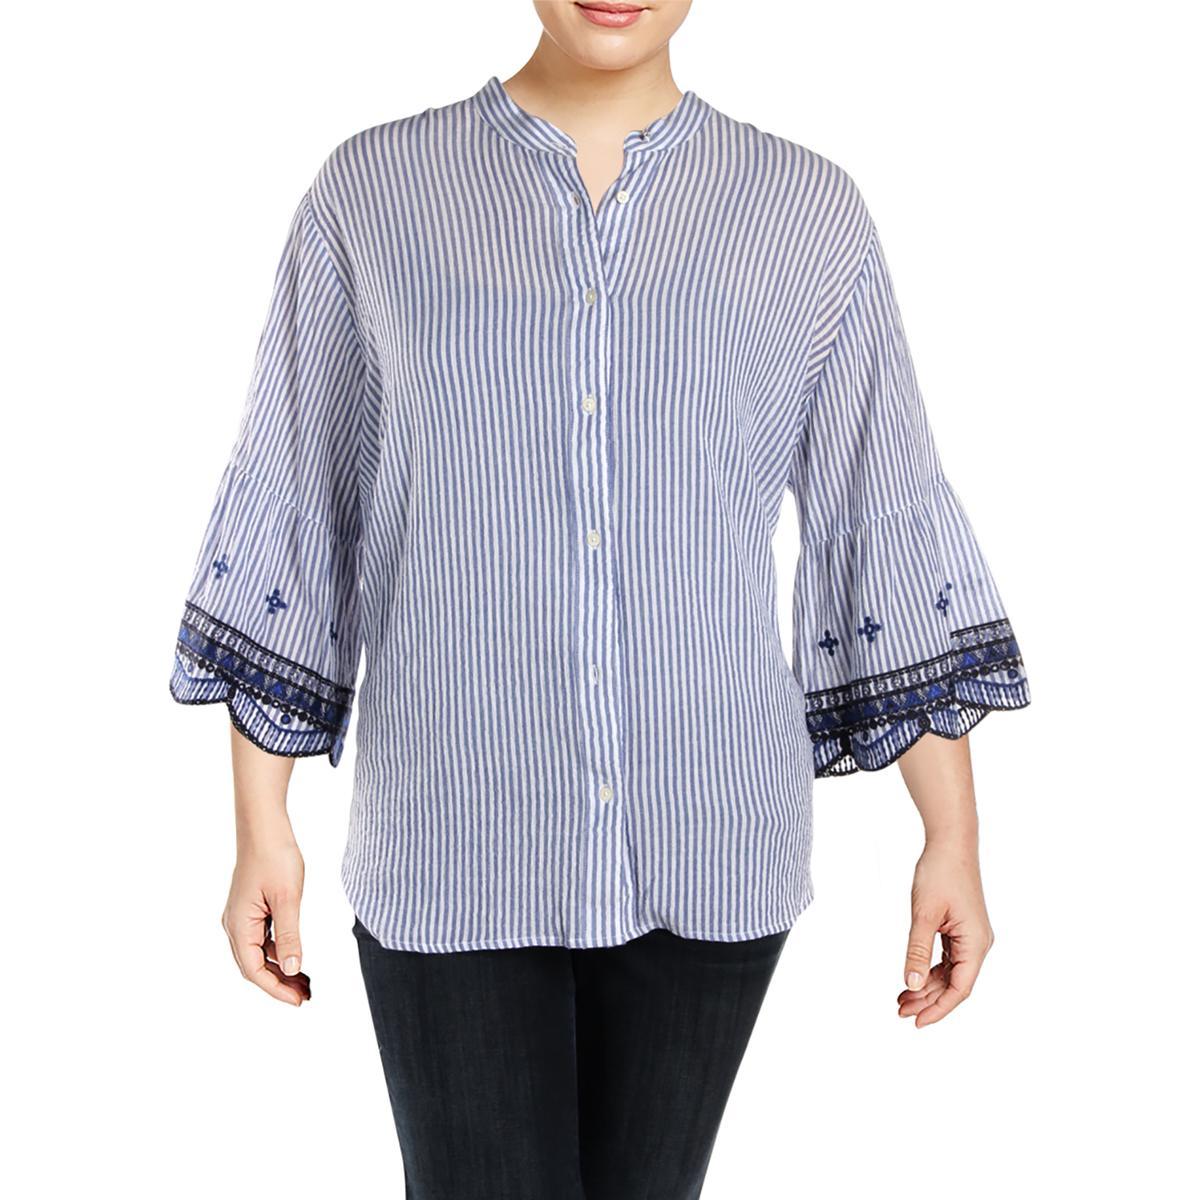 9a4384ee71e Details about Lauren Ralph Lauren Womens Kespo Blue Button-Down Top Shirt  Plus 3X BHFO 3547